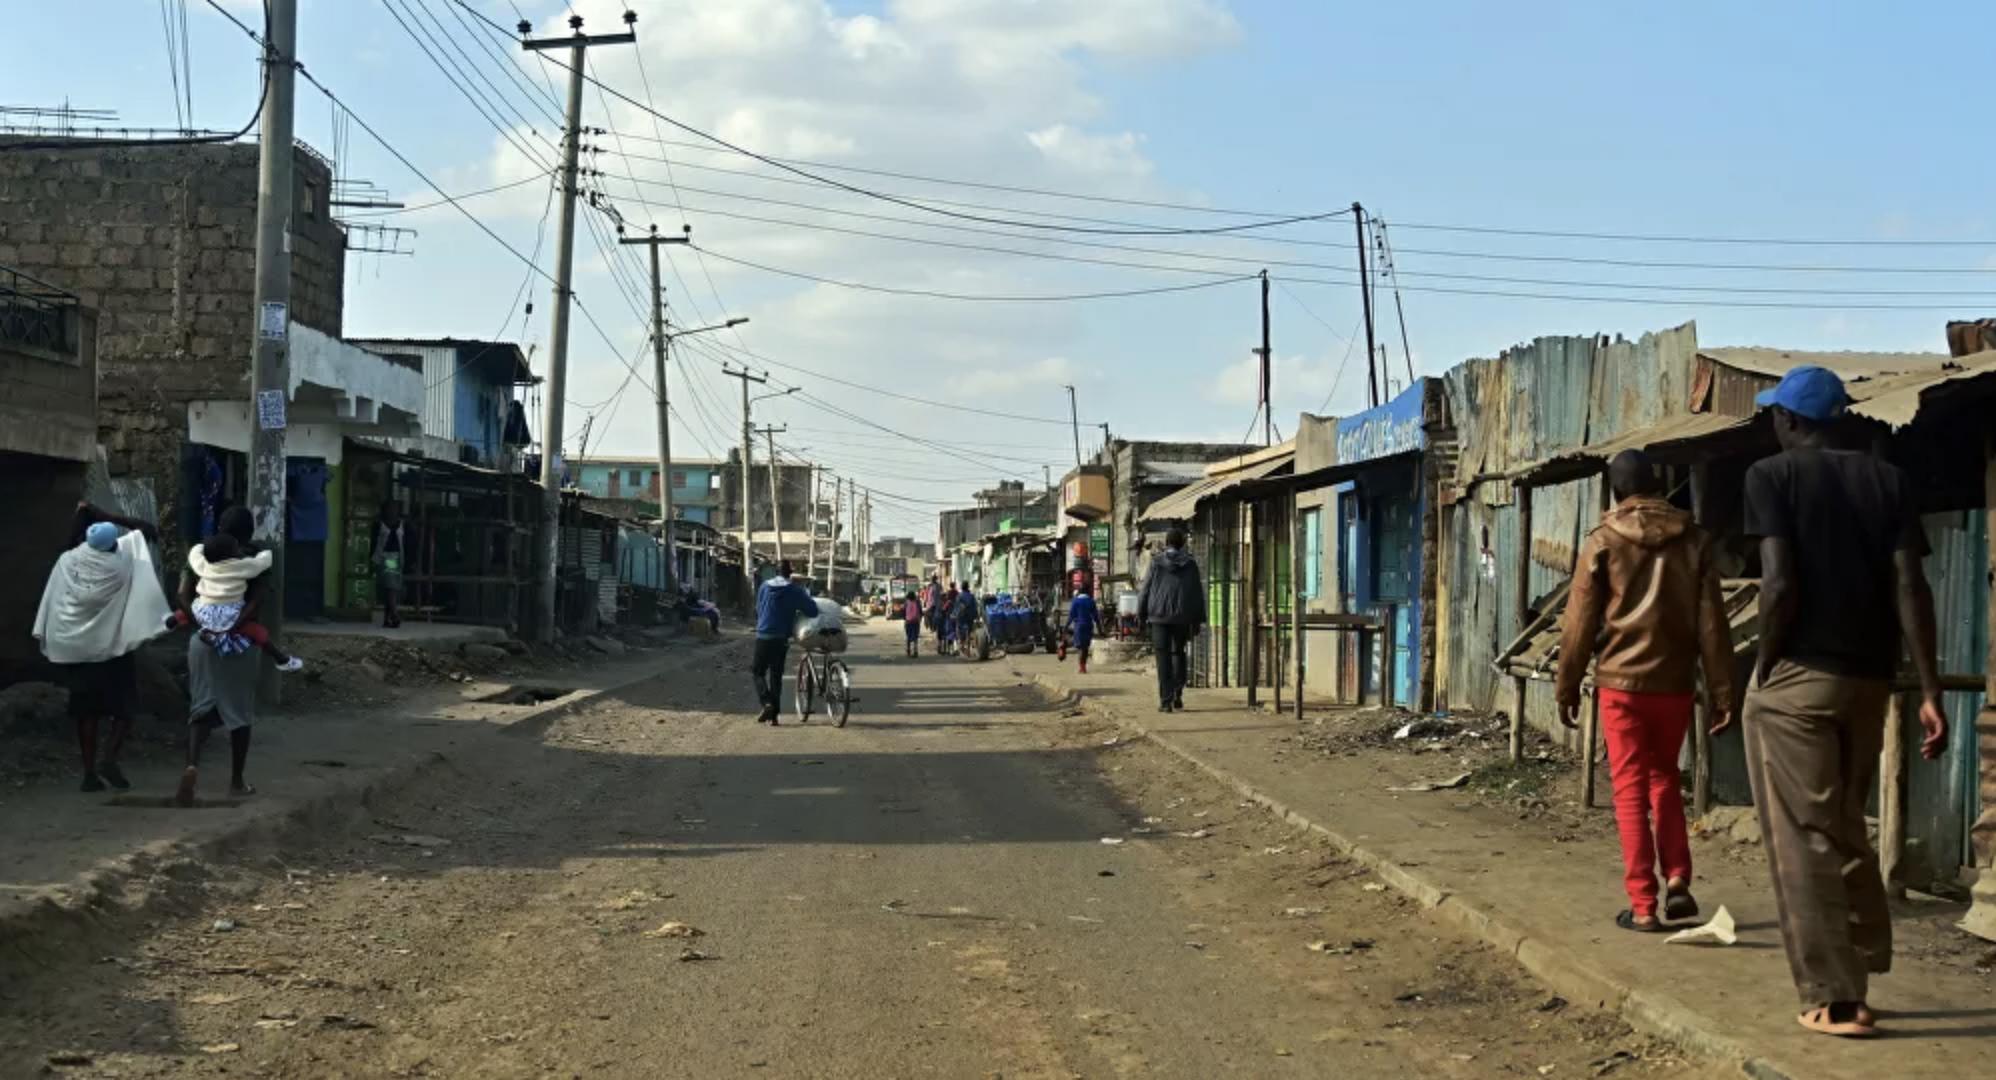 África: Investigadores del Banco Mundial cortan el agua de un barrio vulnerable para ver cómo reacciona su población (Sputnik News)